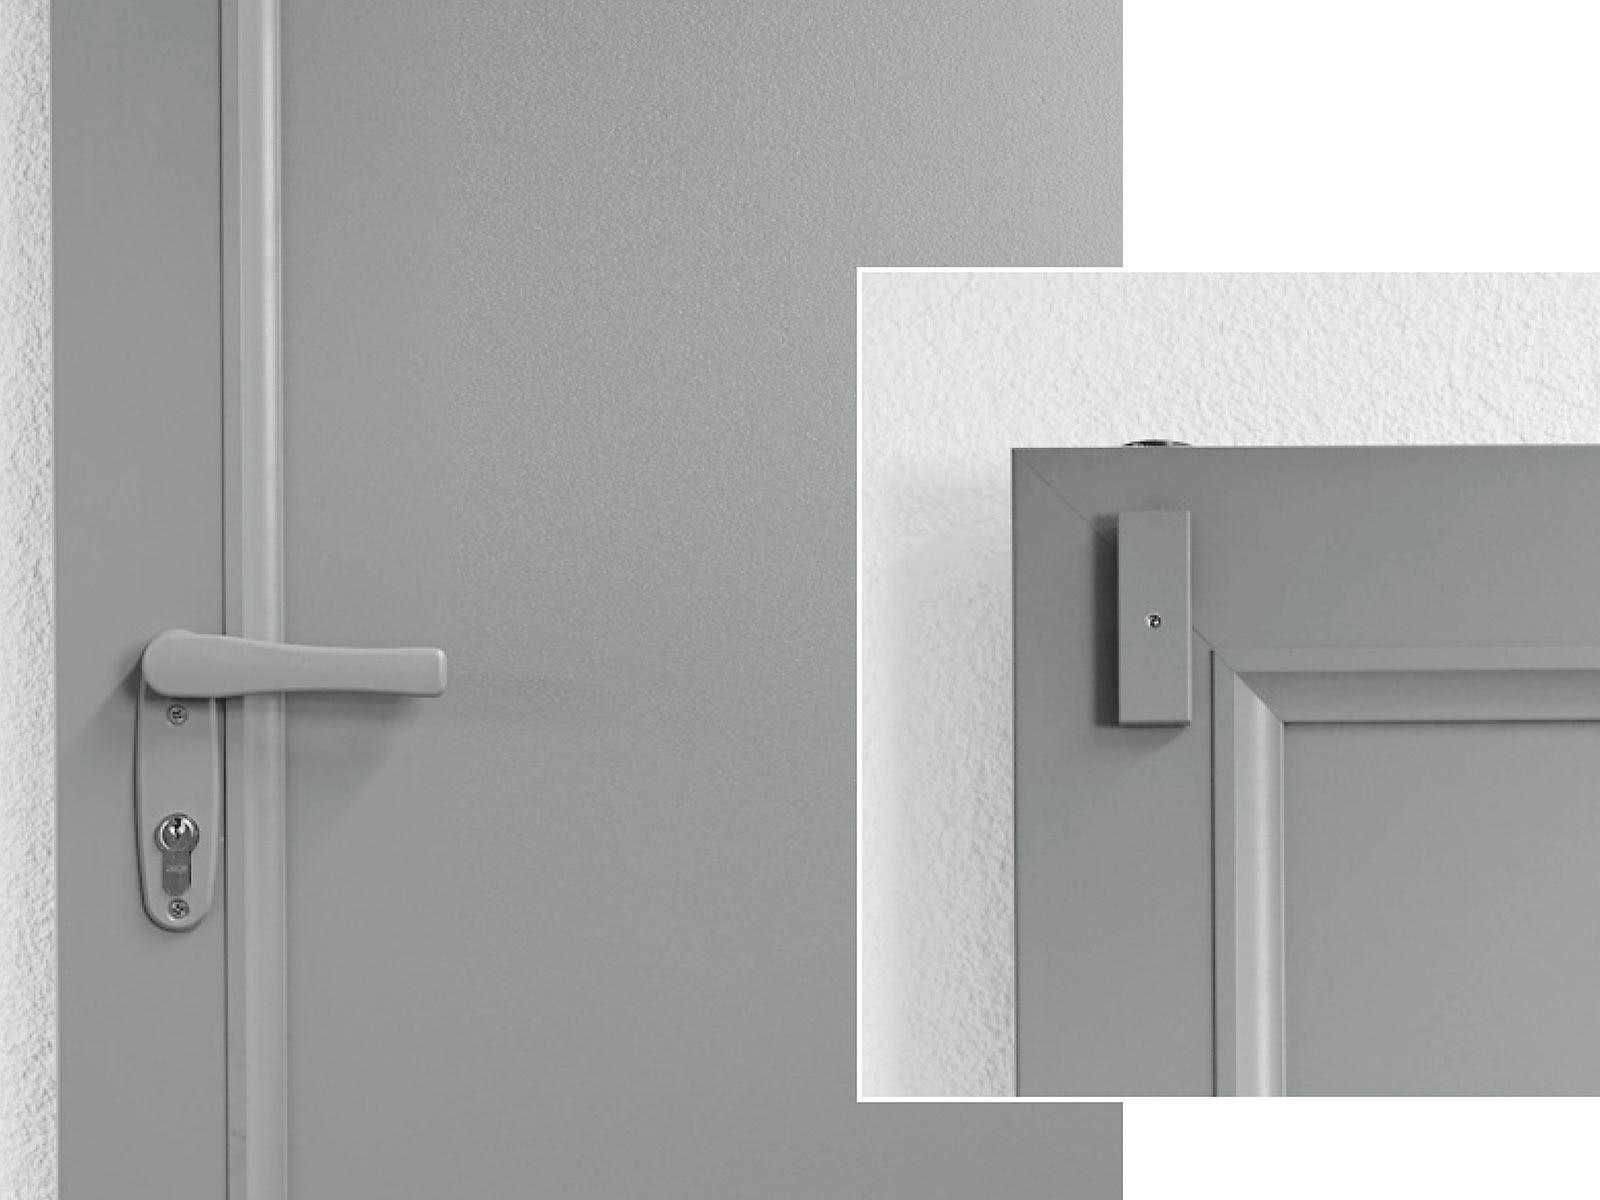 Stangenschloss - EHRET Einbruchschutz